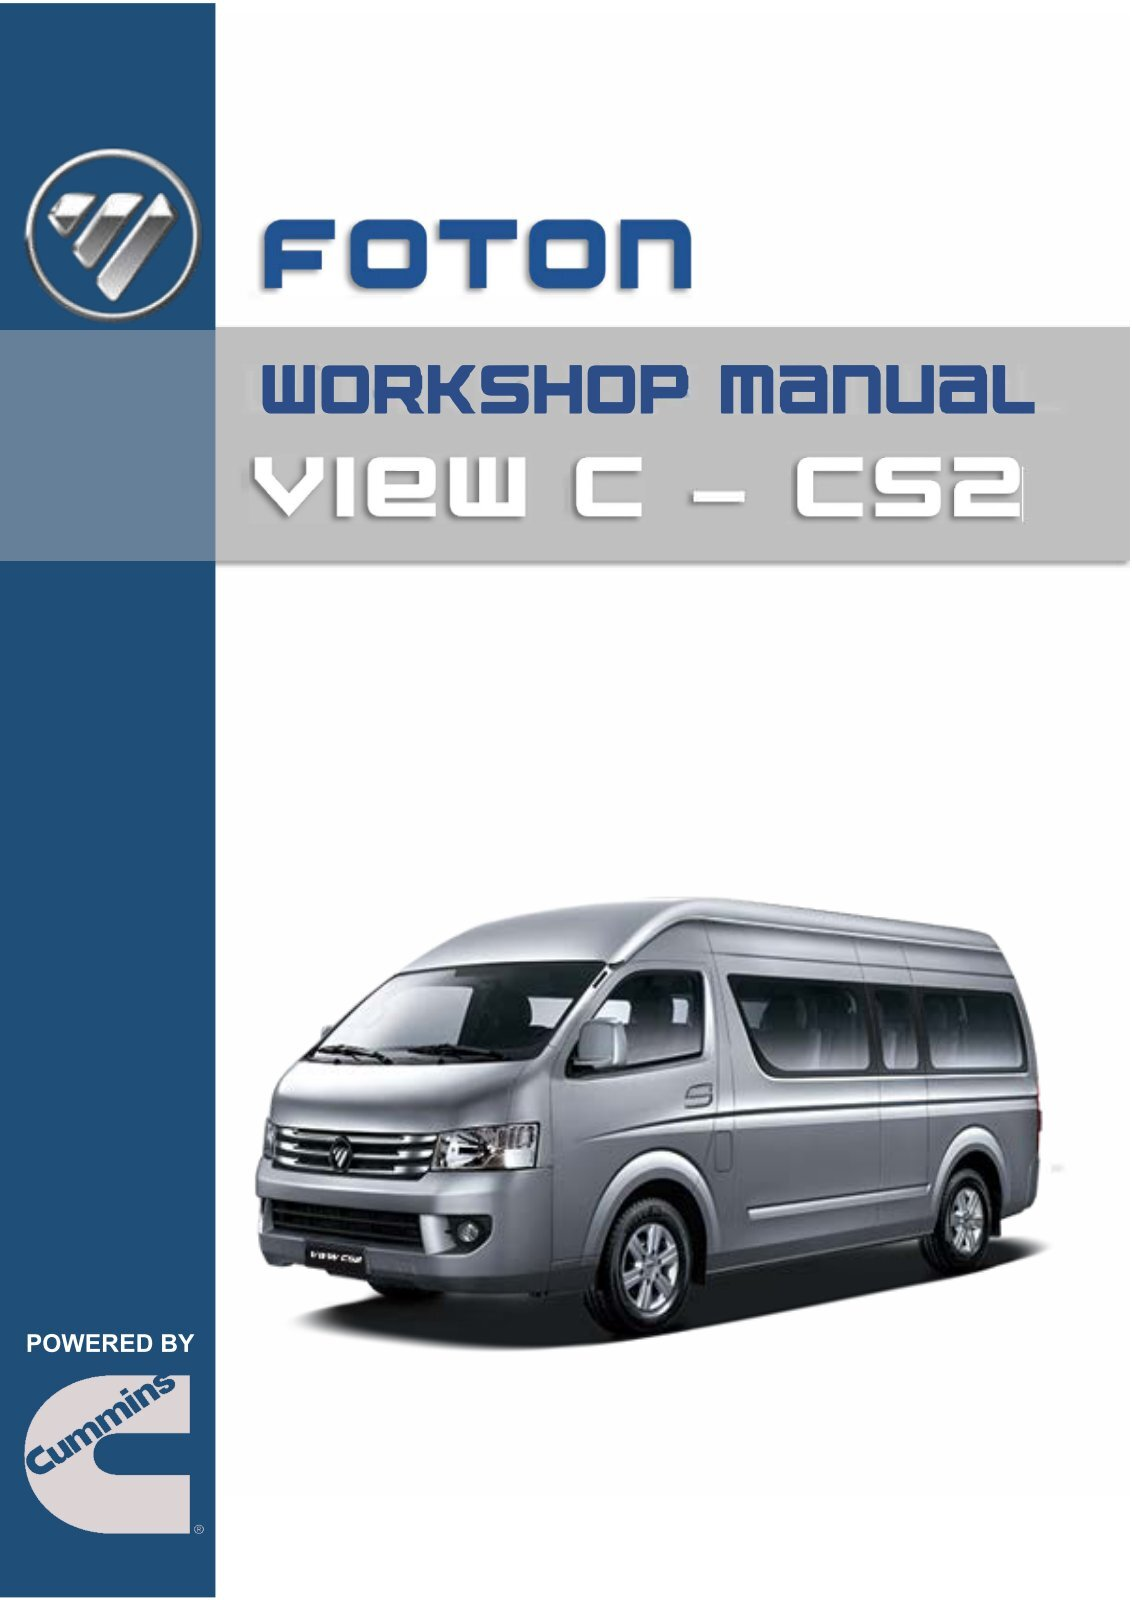 Foton Workshop Manual - View (CS2)